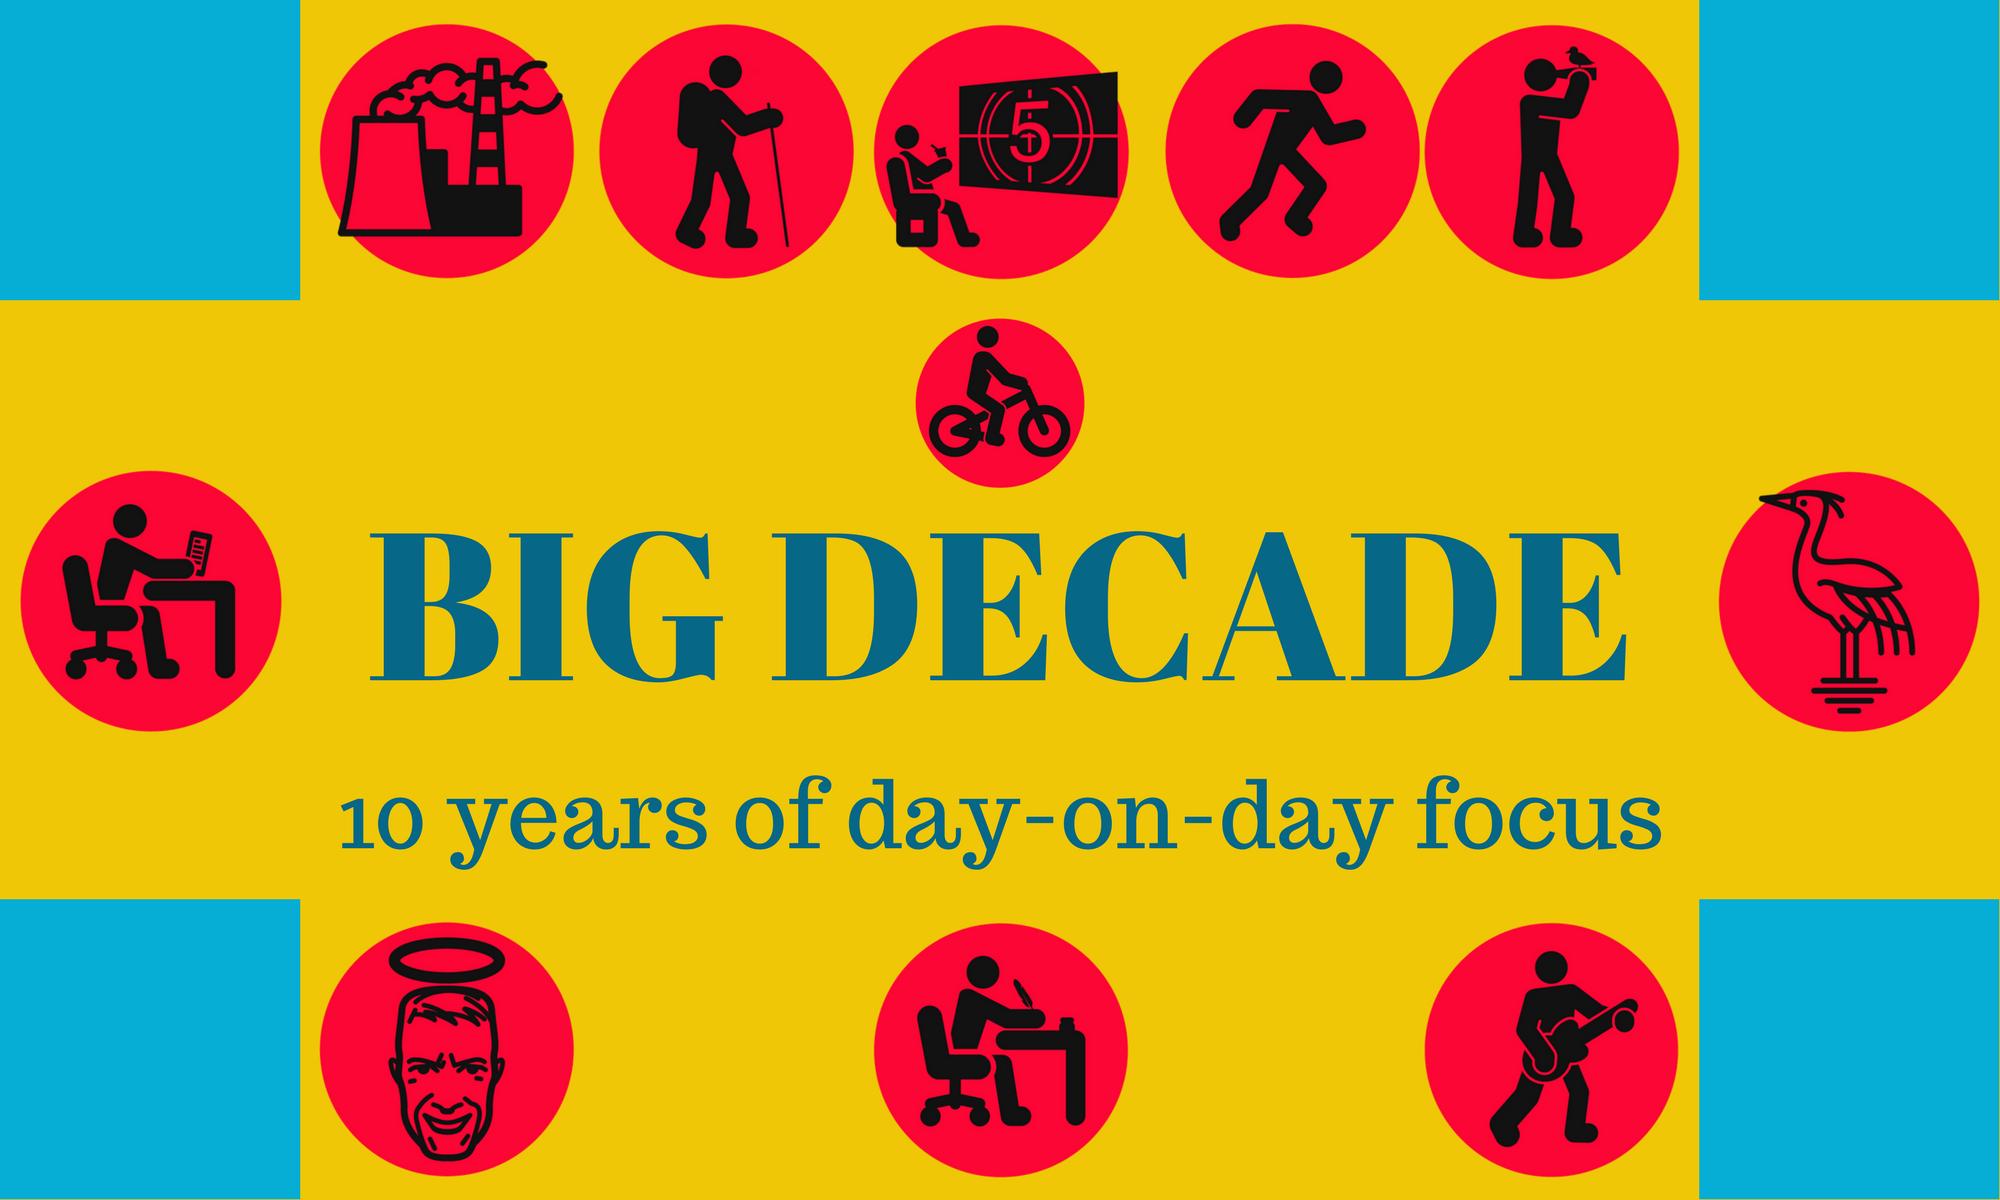 Big Decade